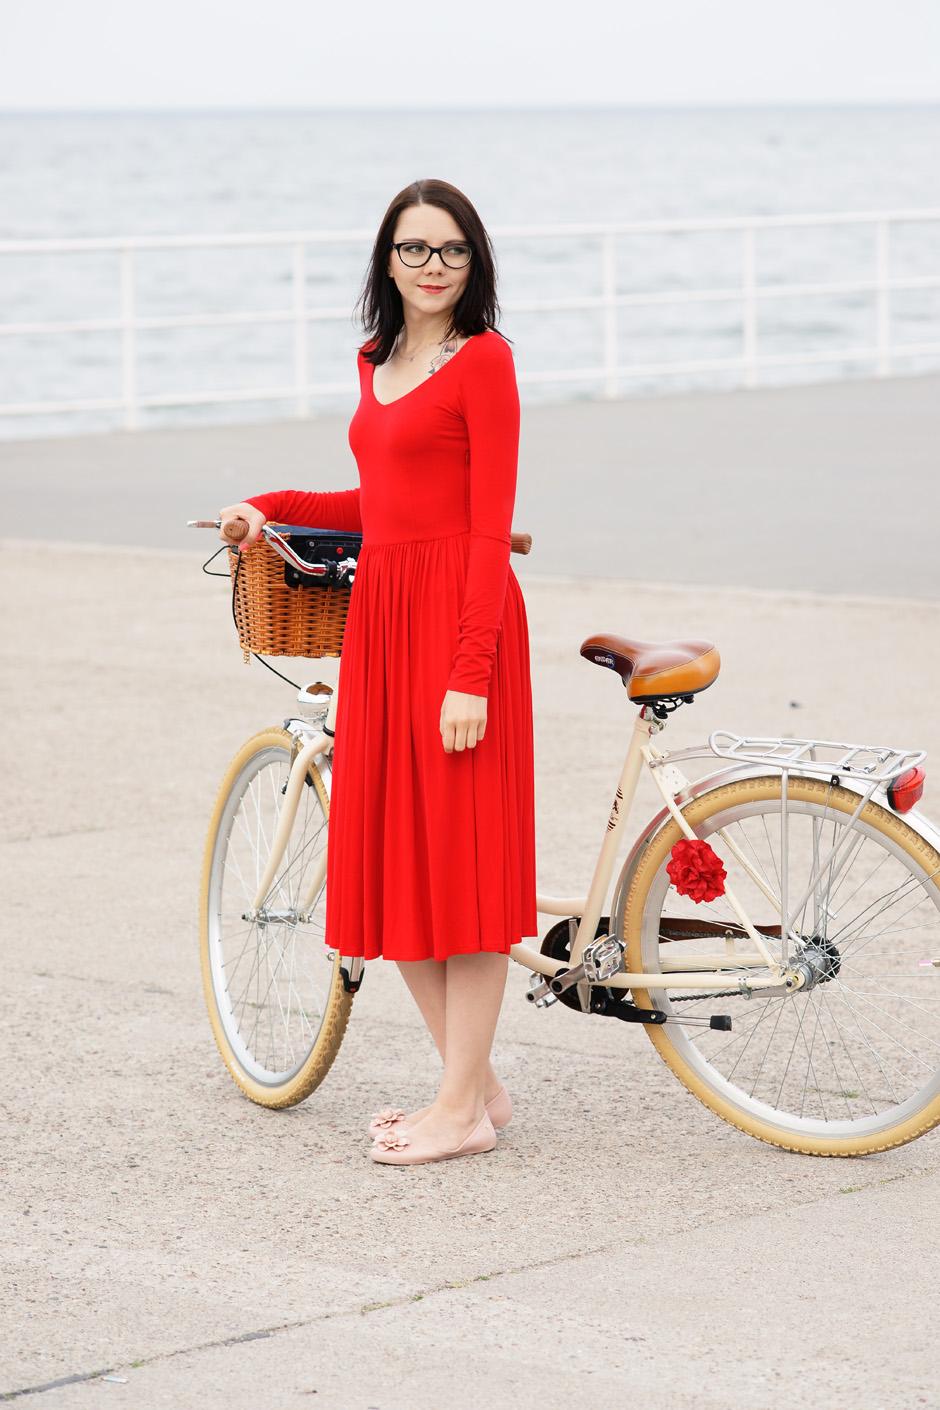 sukienka czerwona risk made in warsaw gotowa na wszystko, pudrowo różowe zaxy (8)